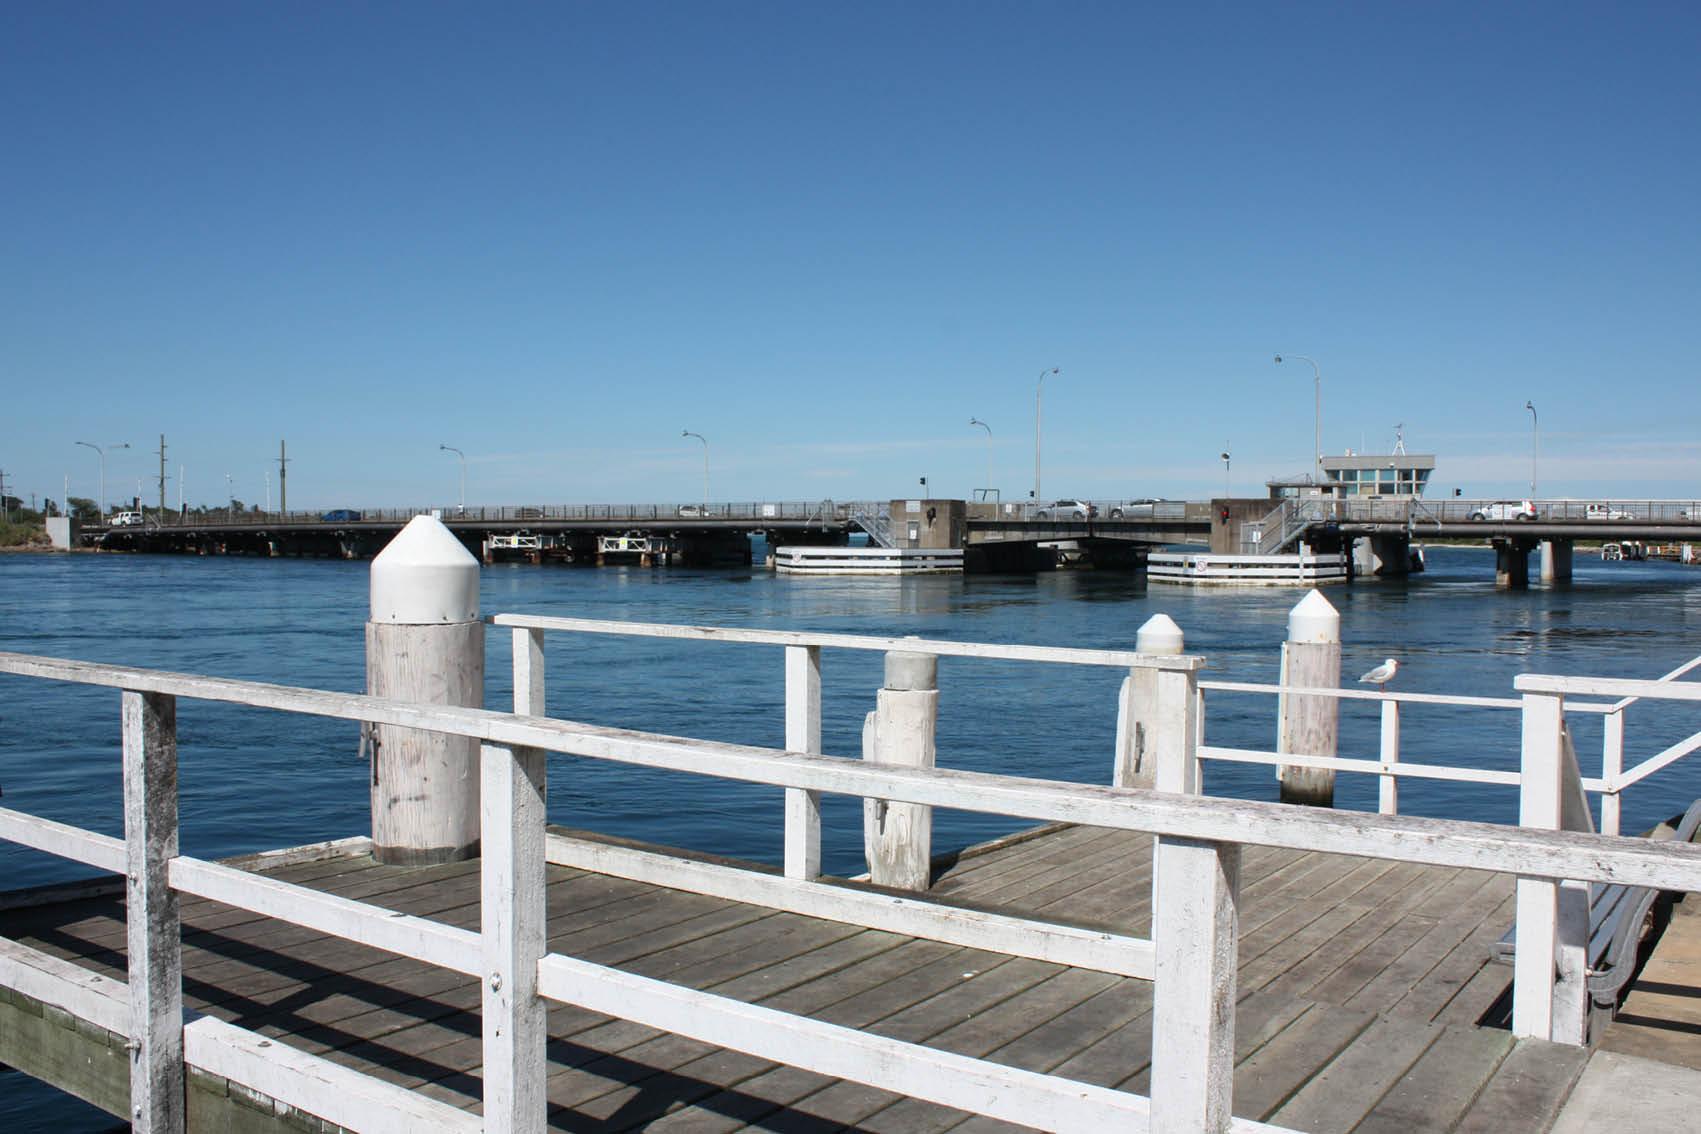 Swansea_Bridge_phot.jpg